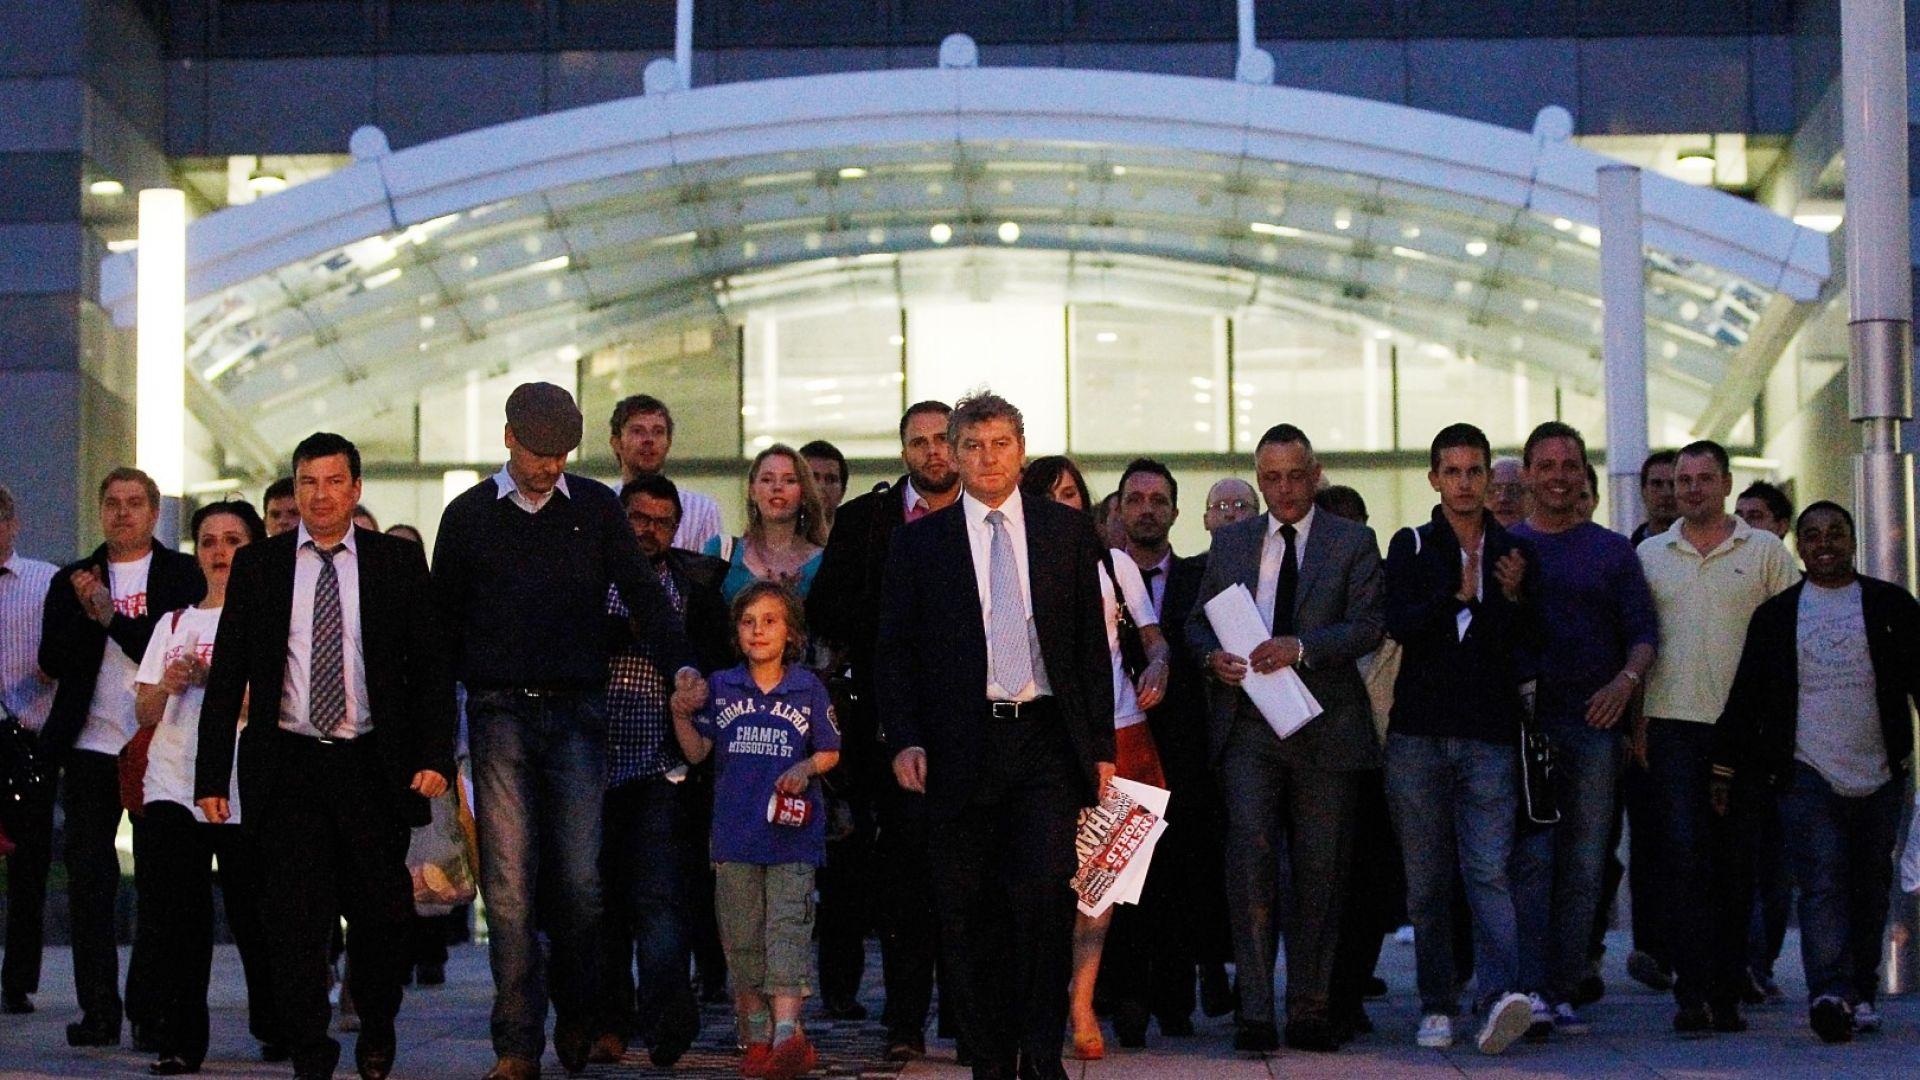 """Главният редактор на News of The World Editor Колин Майлър извежда служители и журналисти от офисите на вестника на площад """"Томас Мор"""" в Лондон преди последния брой на вестника, 9 юли 2011 г."""